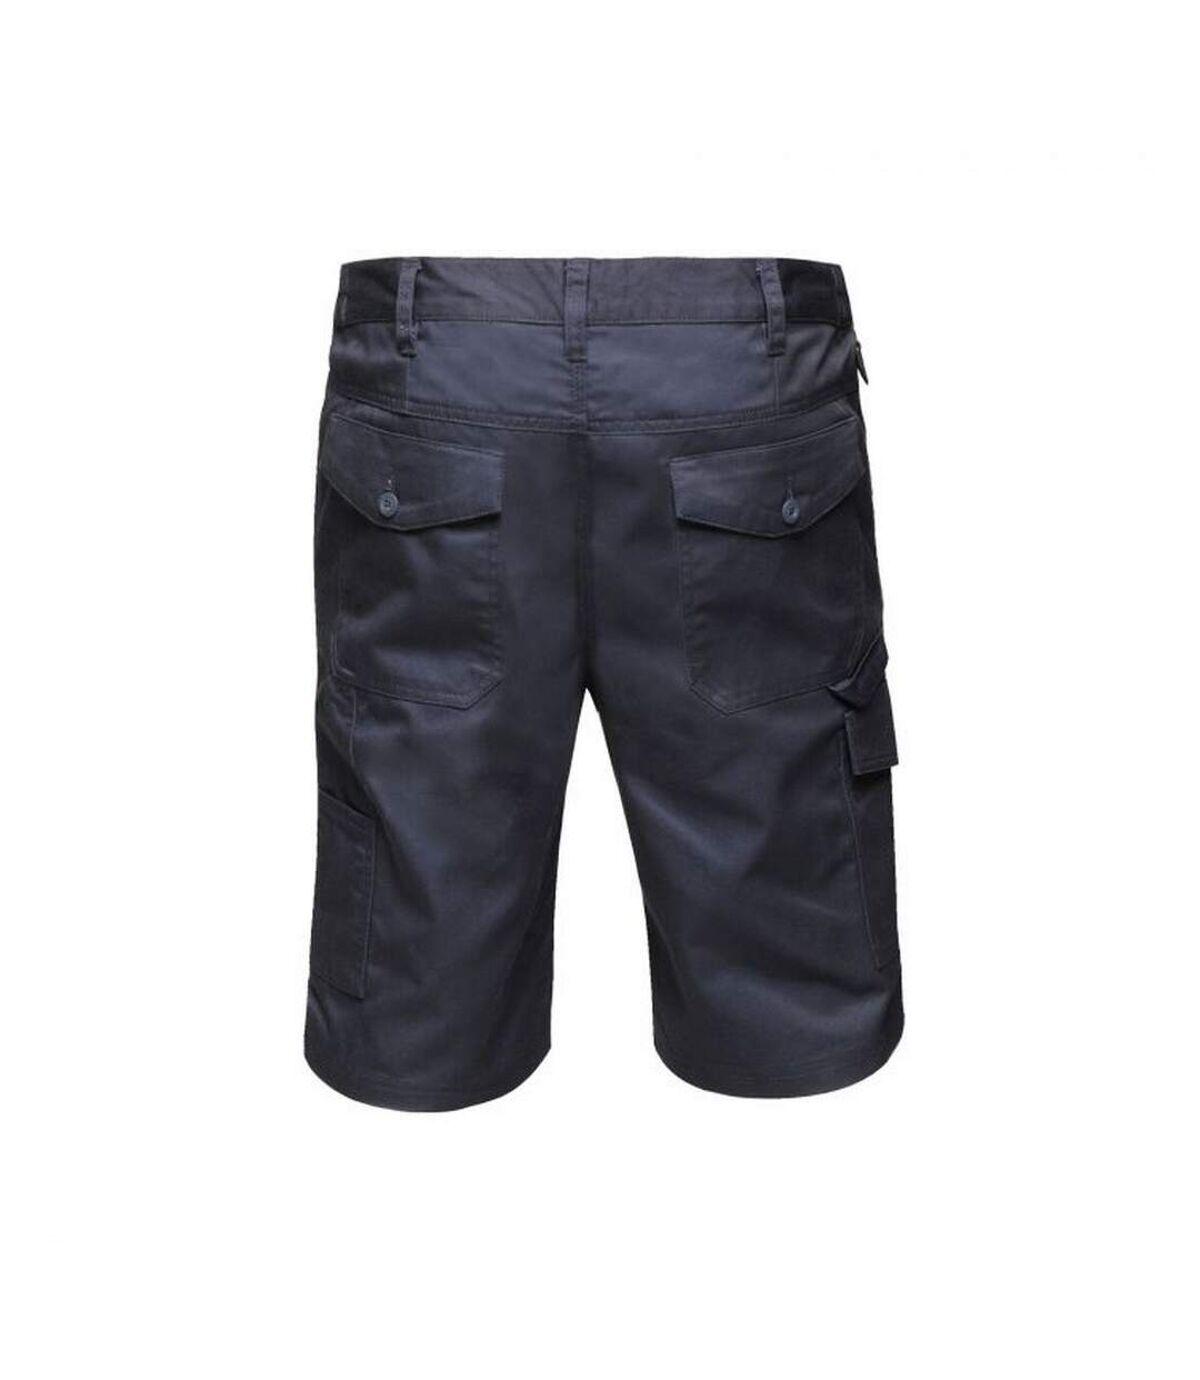 Regatta Mens Pro Cargo Shorts (Navy) - UTRG4127